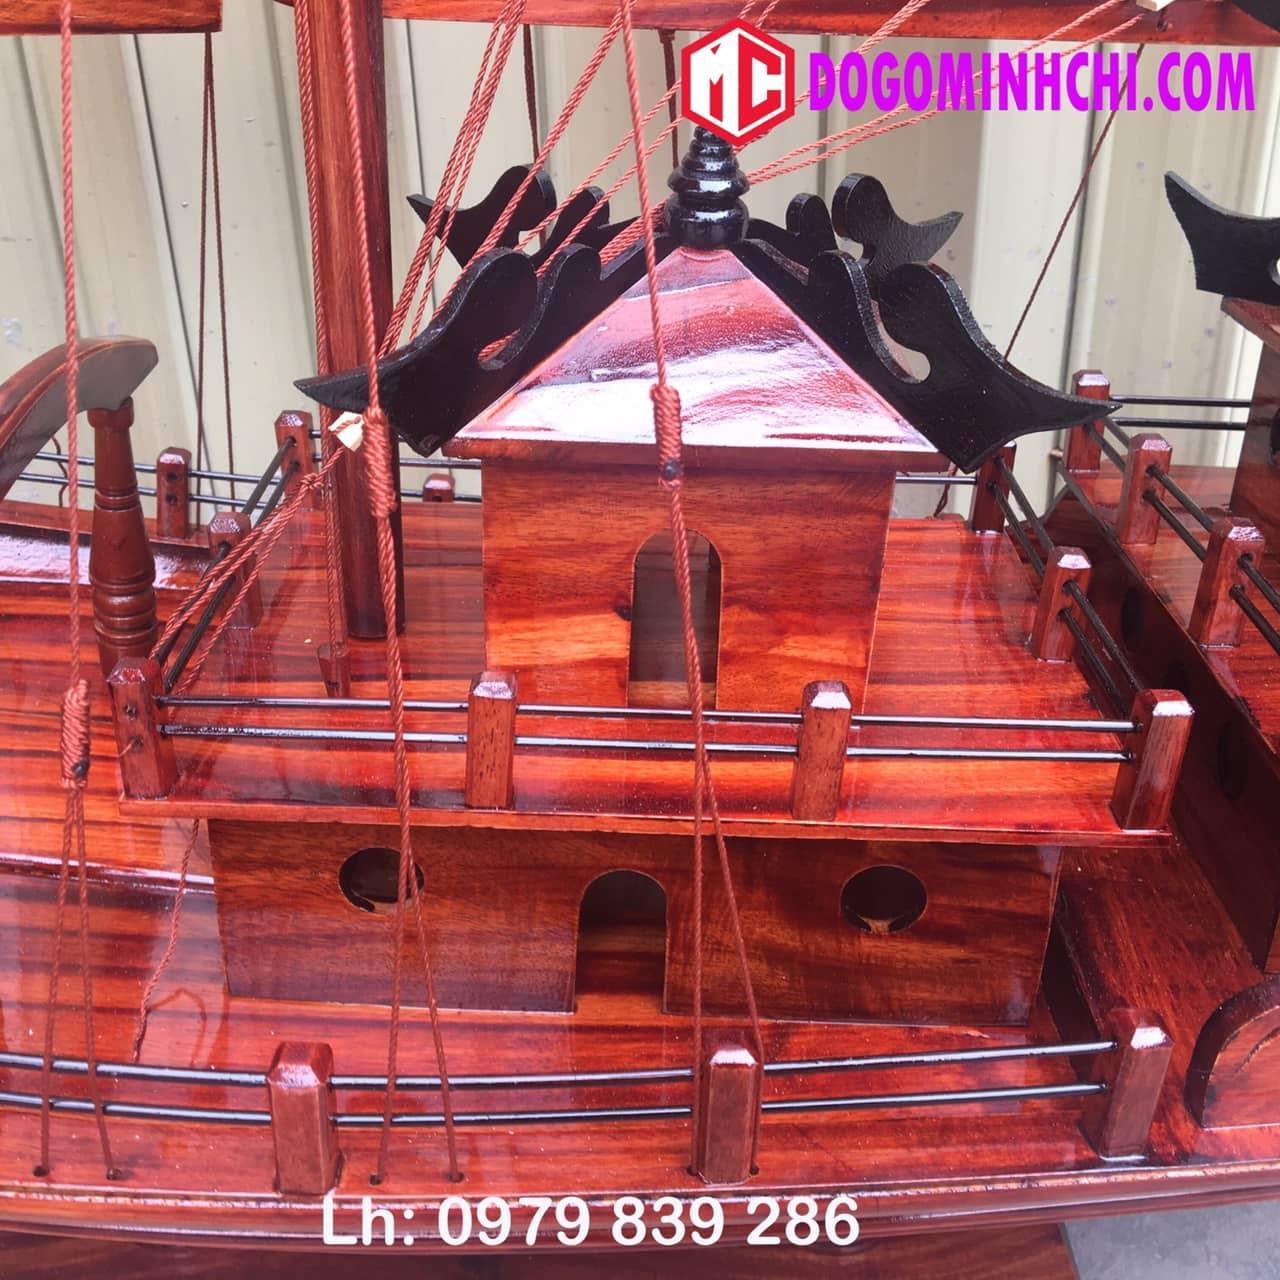 Thuyền buồm rồng hạ long ms 08 5